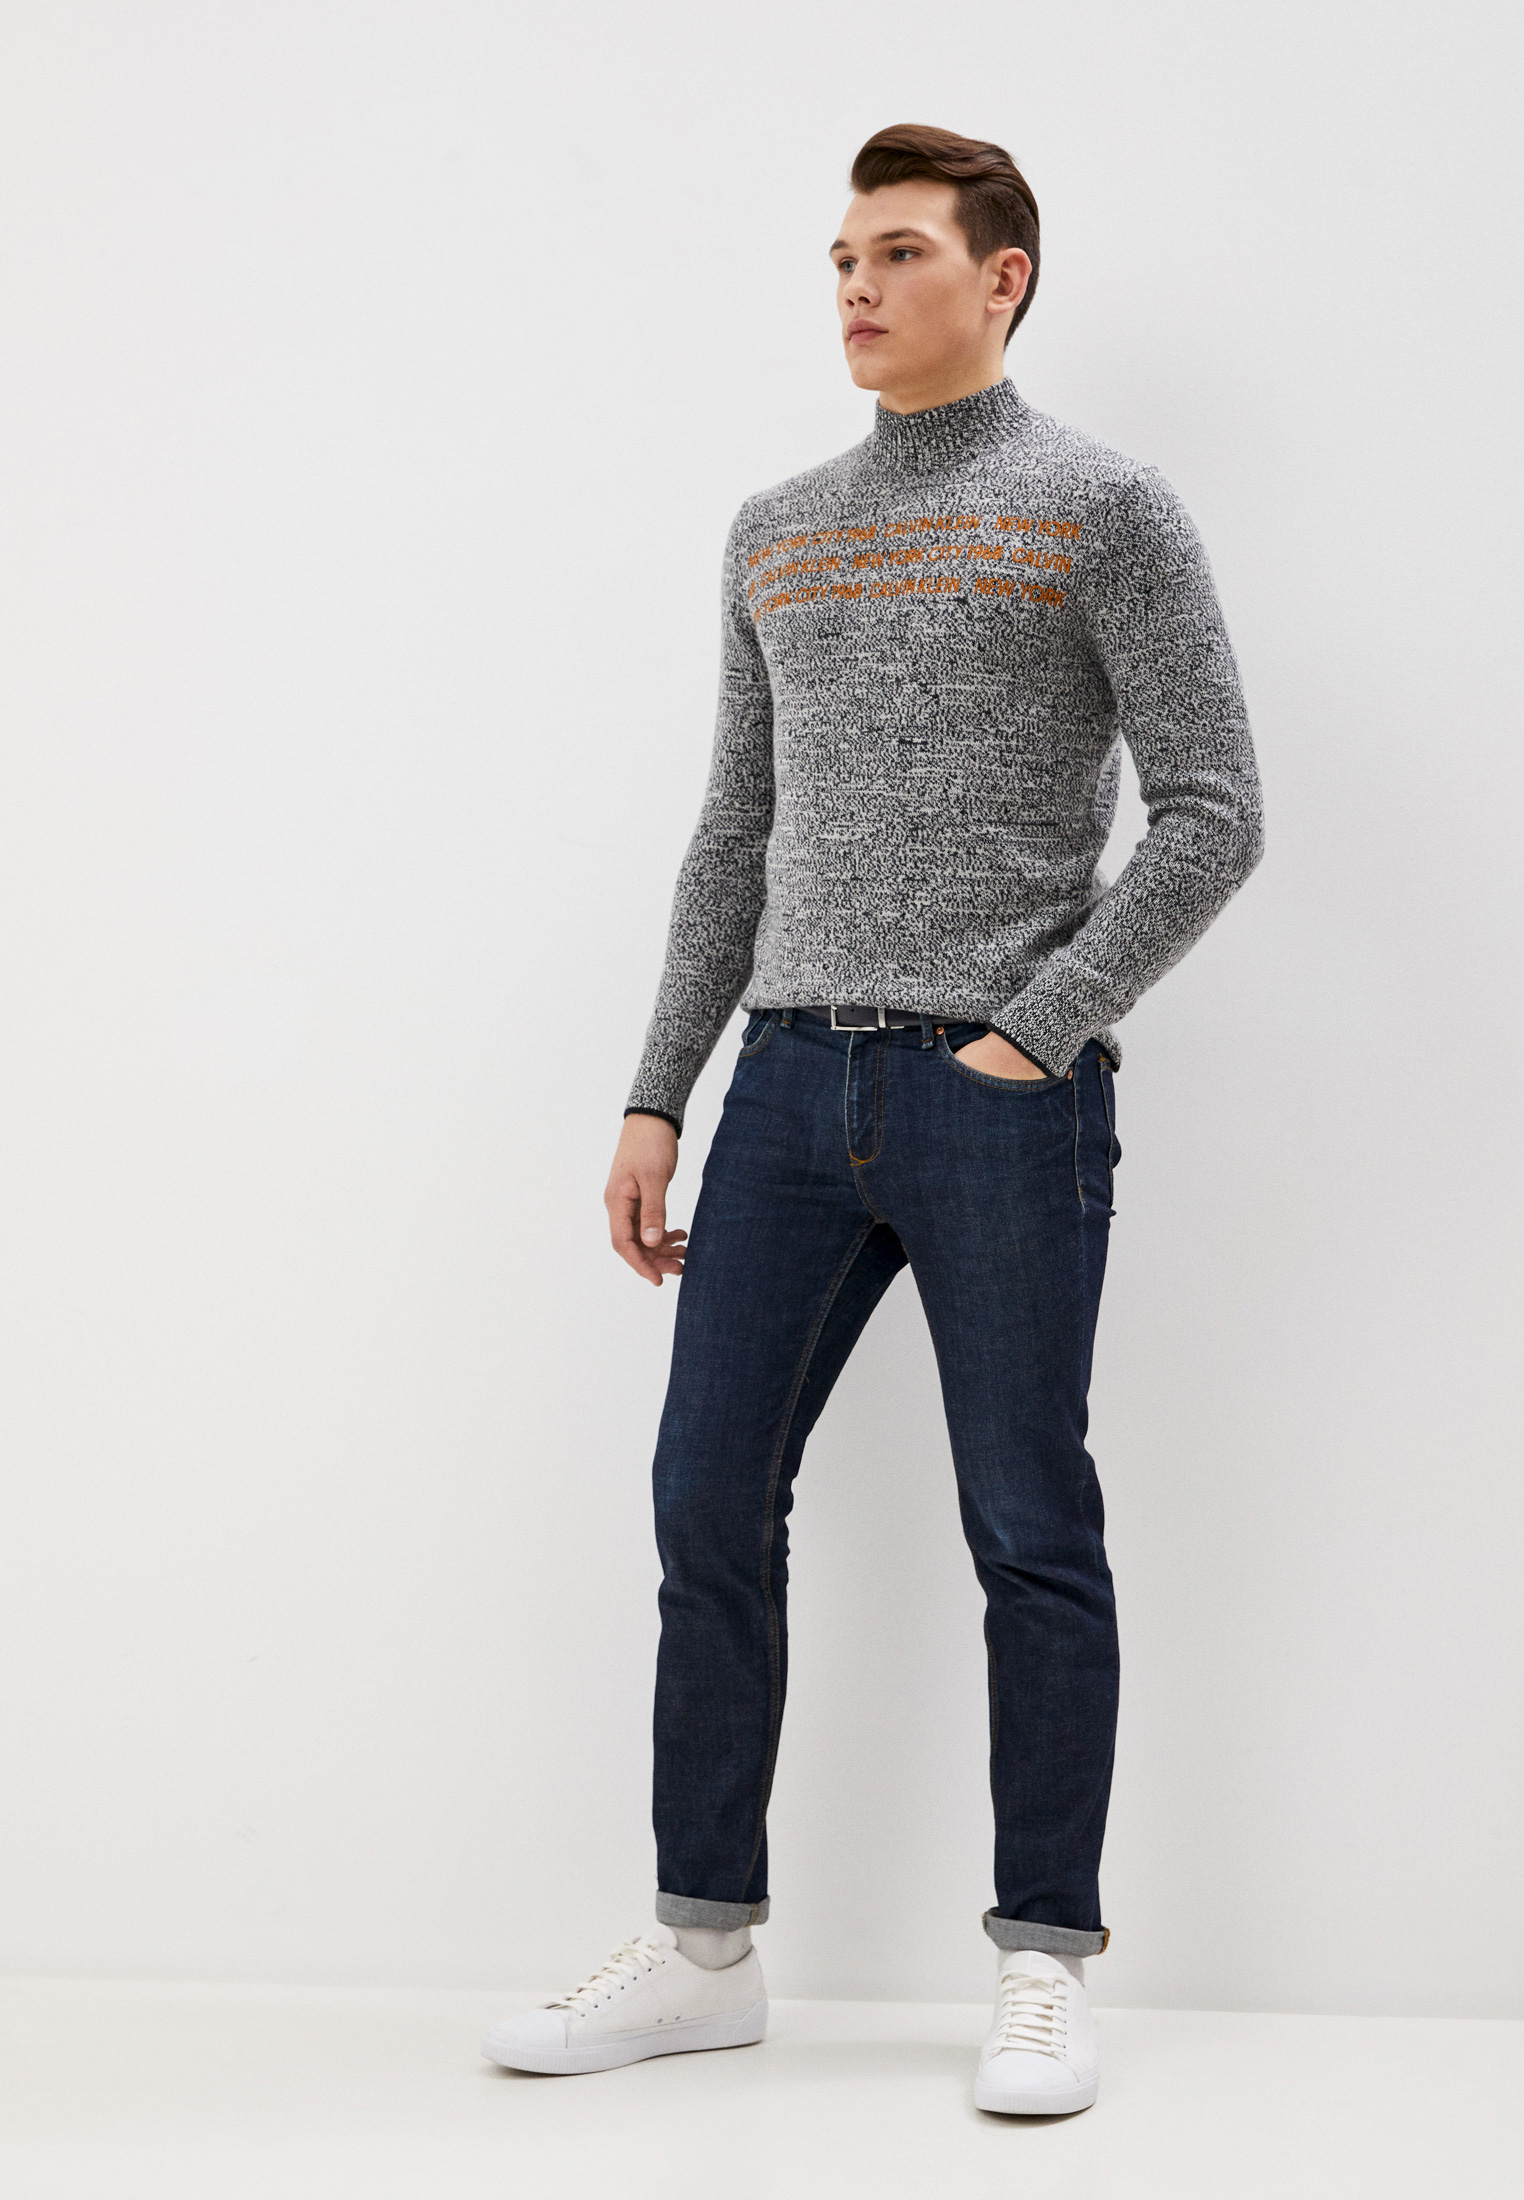 Джемпер Calvin Klein (Кельвин Кляйн) k10k106140: изображение 2